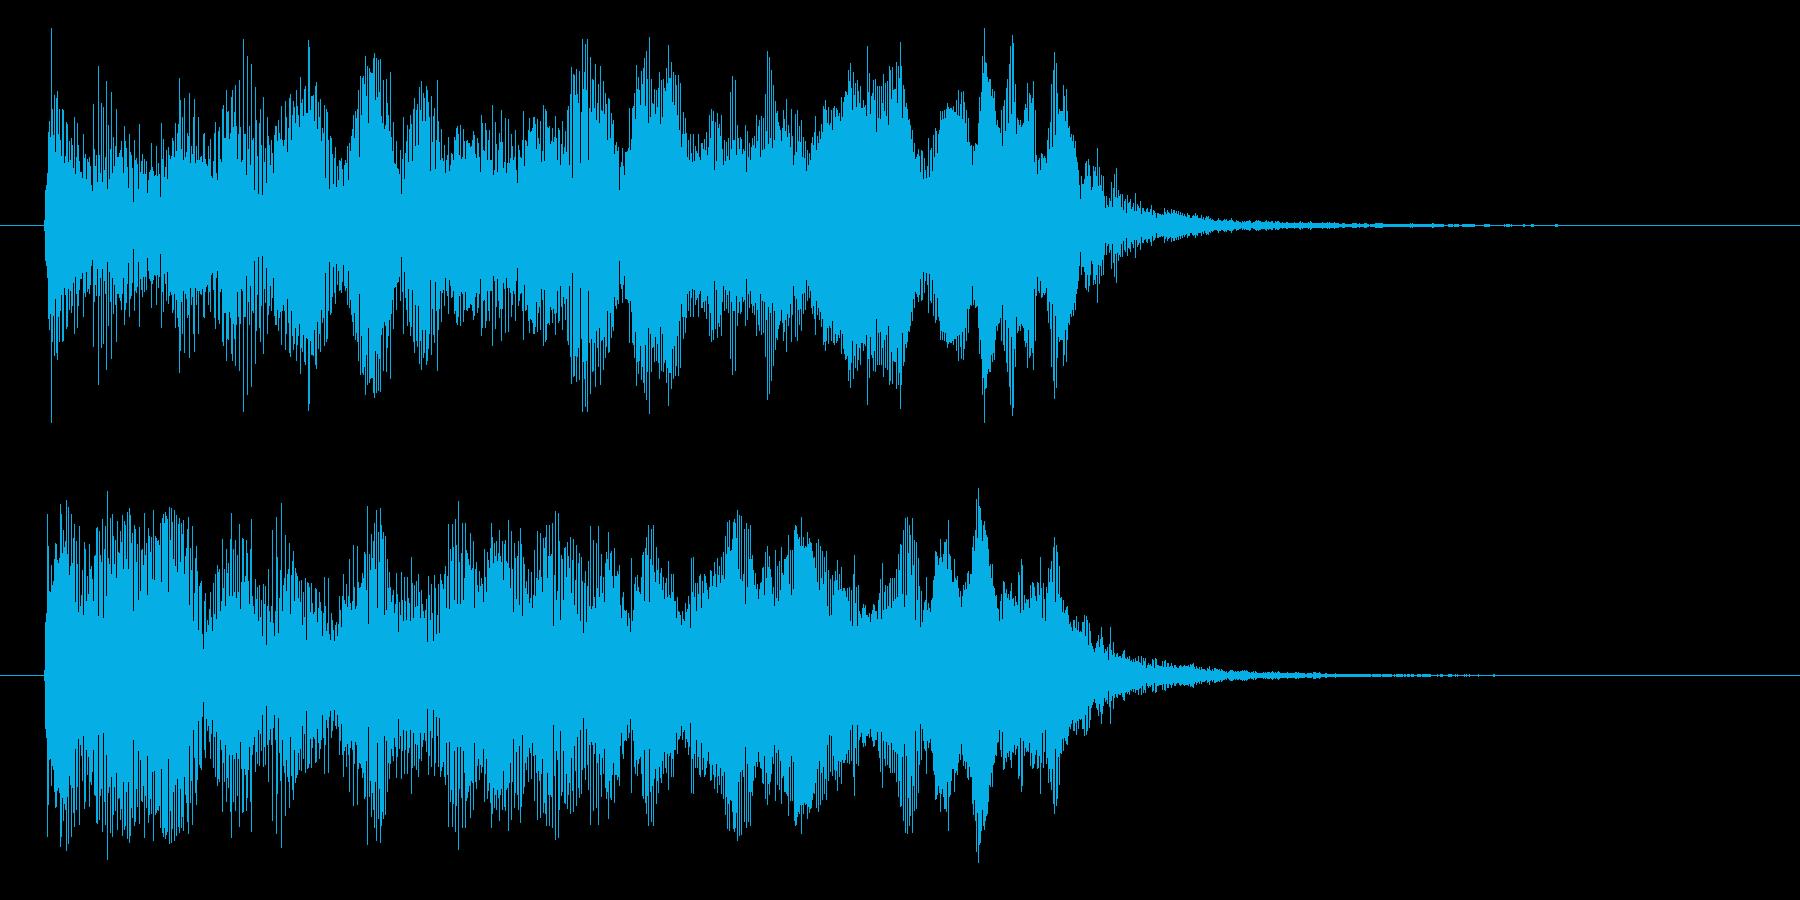 ジューーン(機械的な上昇音)の再生済みの波形